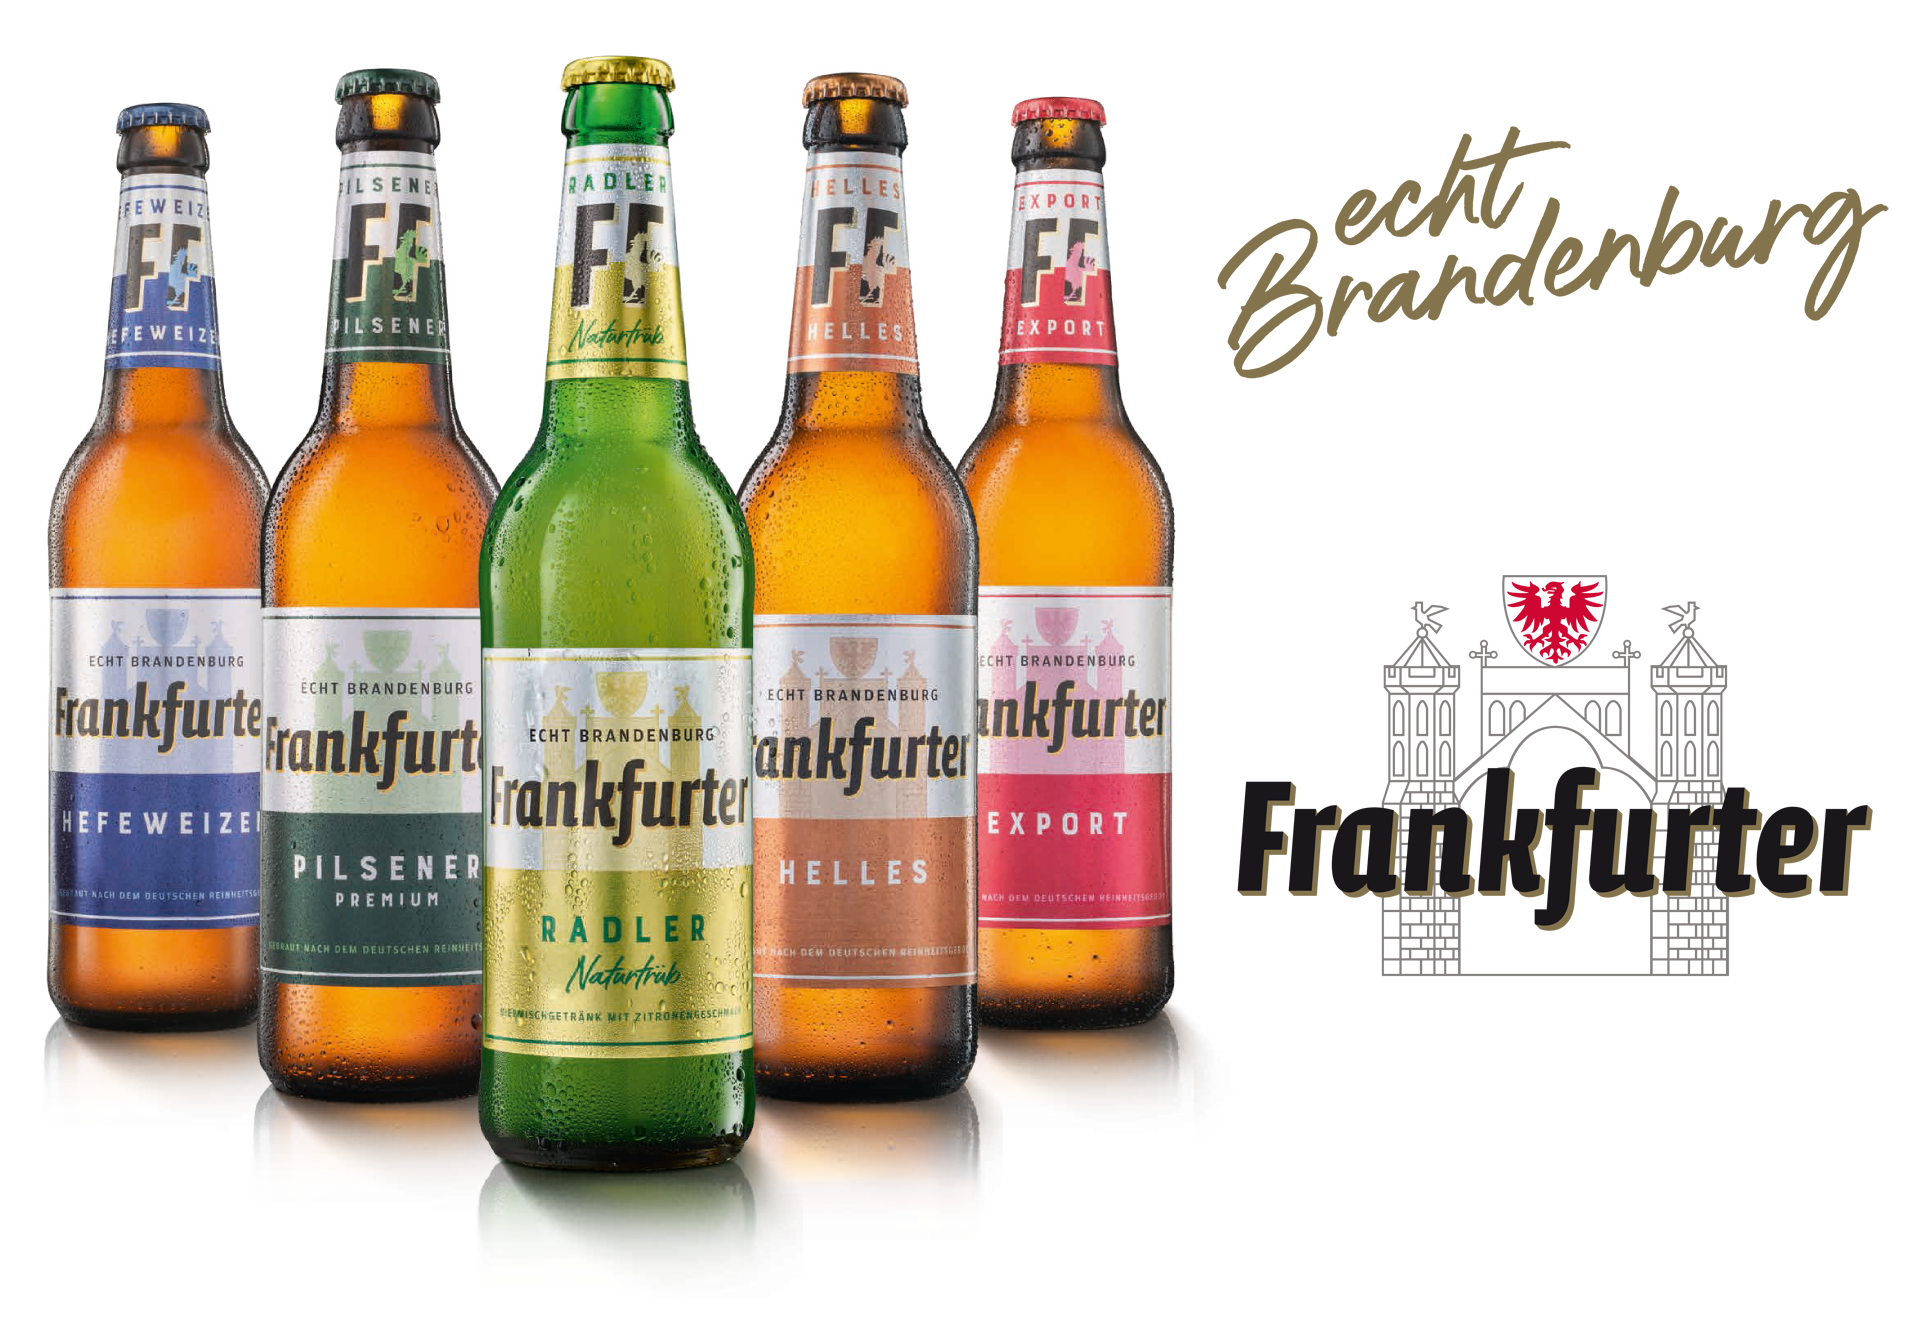 Flaschen Frankfurter mit Logo vom Frankfurter Brauhaus